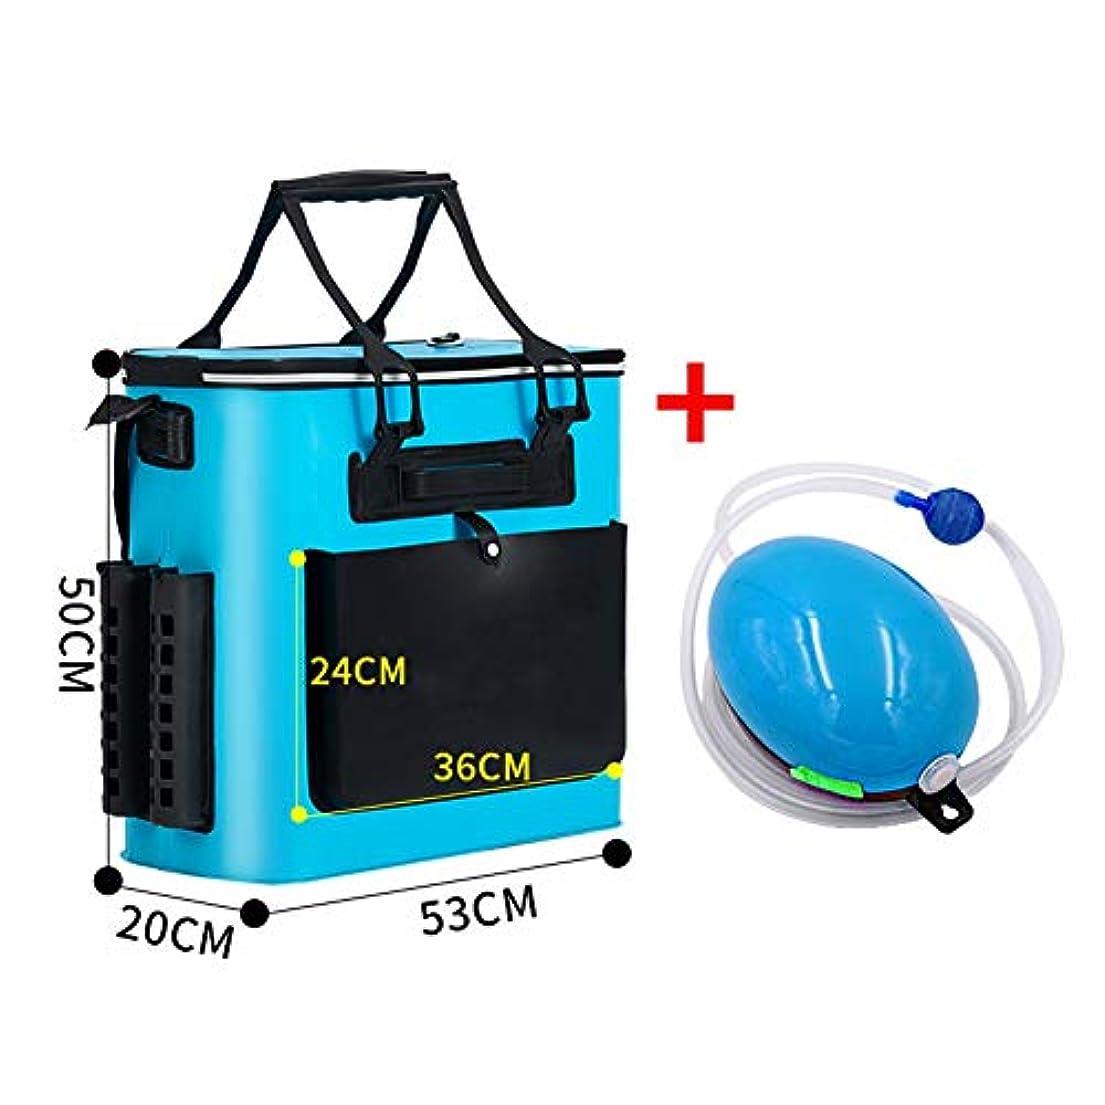 ウールトレッド気まぐれなLILI バッカン コンパクト釣りバケツ、折りたたみ式大容量防水釣り袋、酸素充填ポンプ付き、父の戸外釣りに使用して、180gの重量を支えることができる (Color : Blue, Size : 50x20x53cm)